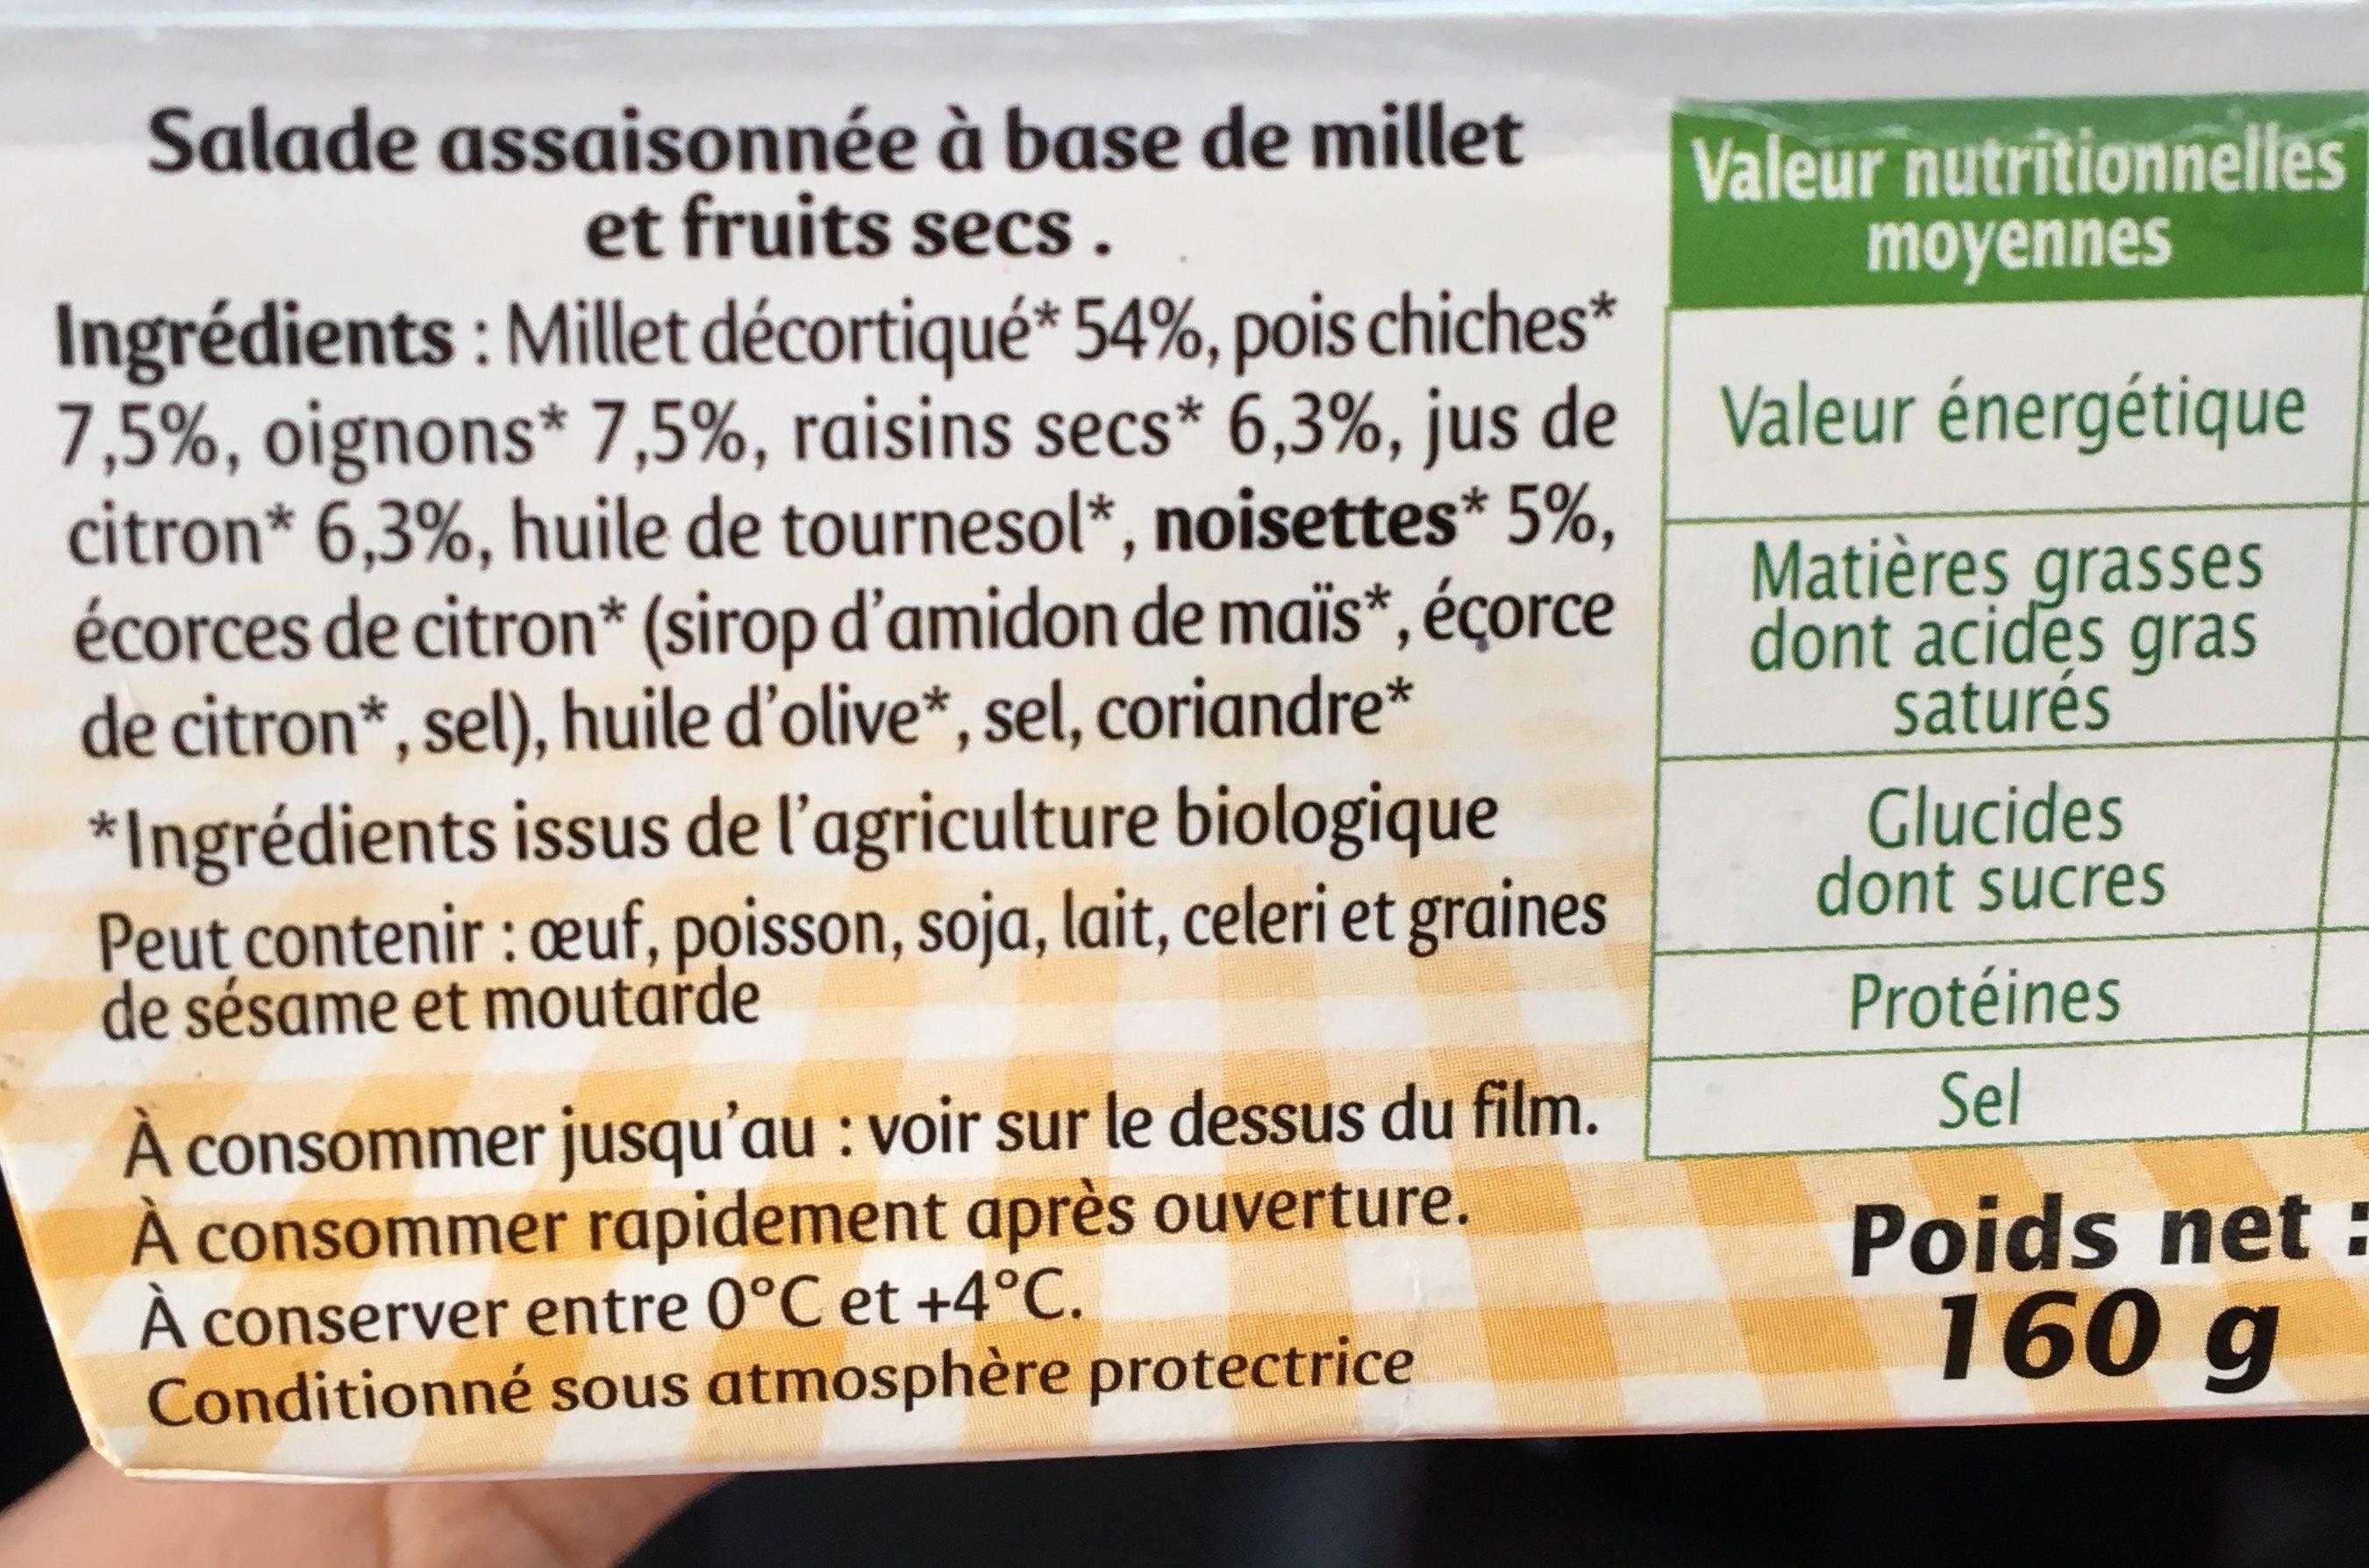 Taboulé au millet et fruits secs sans gluten - Ingrédients - fr